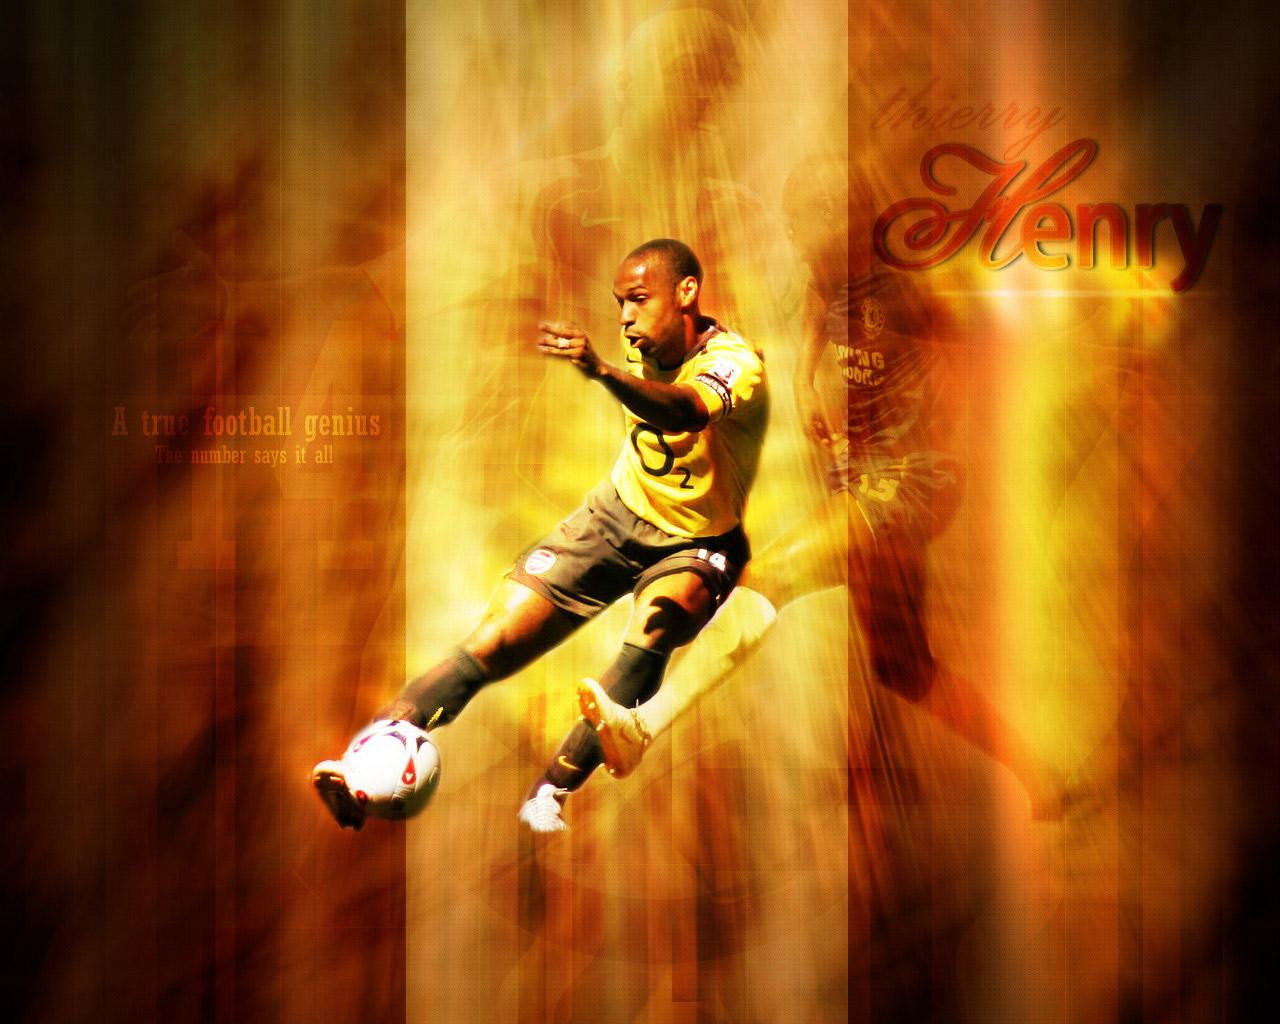 http://1.bp.blogspot.com/-LoYc2ub5-CQ/TtxIgMnCgNI/AAAAAAAAAiY/GlzsmBMm7sA/s1600/soccer-wallpaper-hd-5-728123.jpg